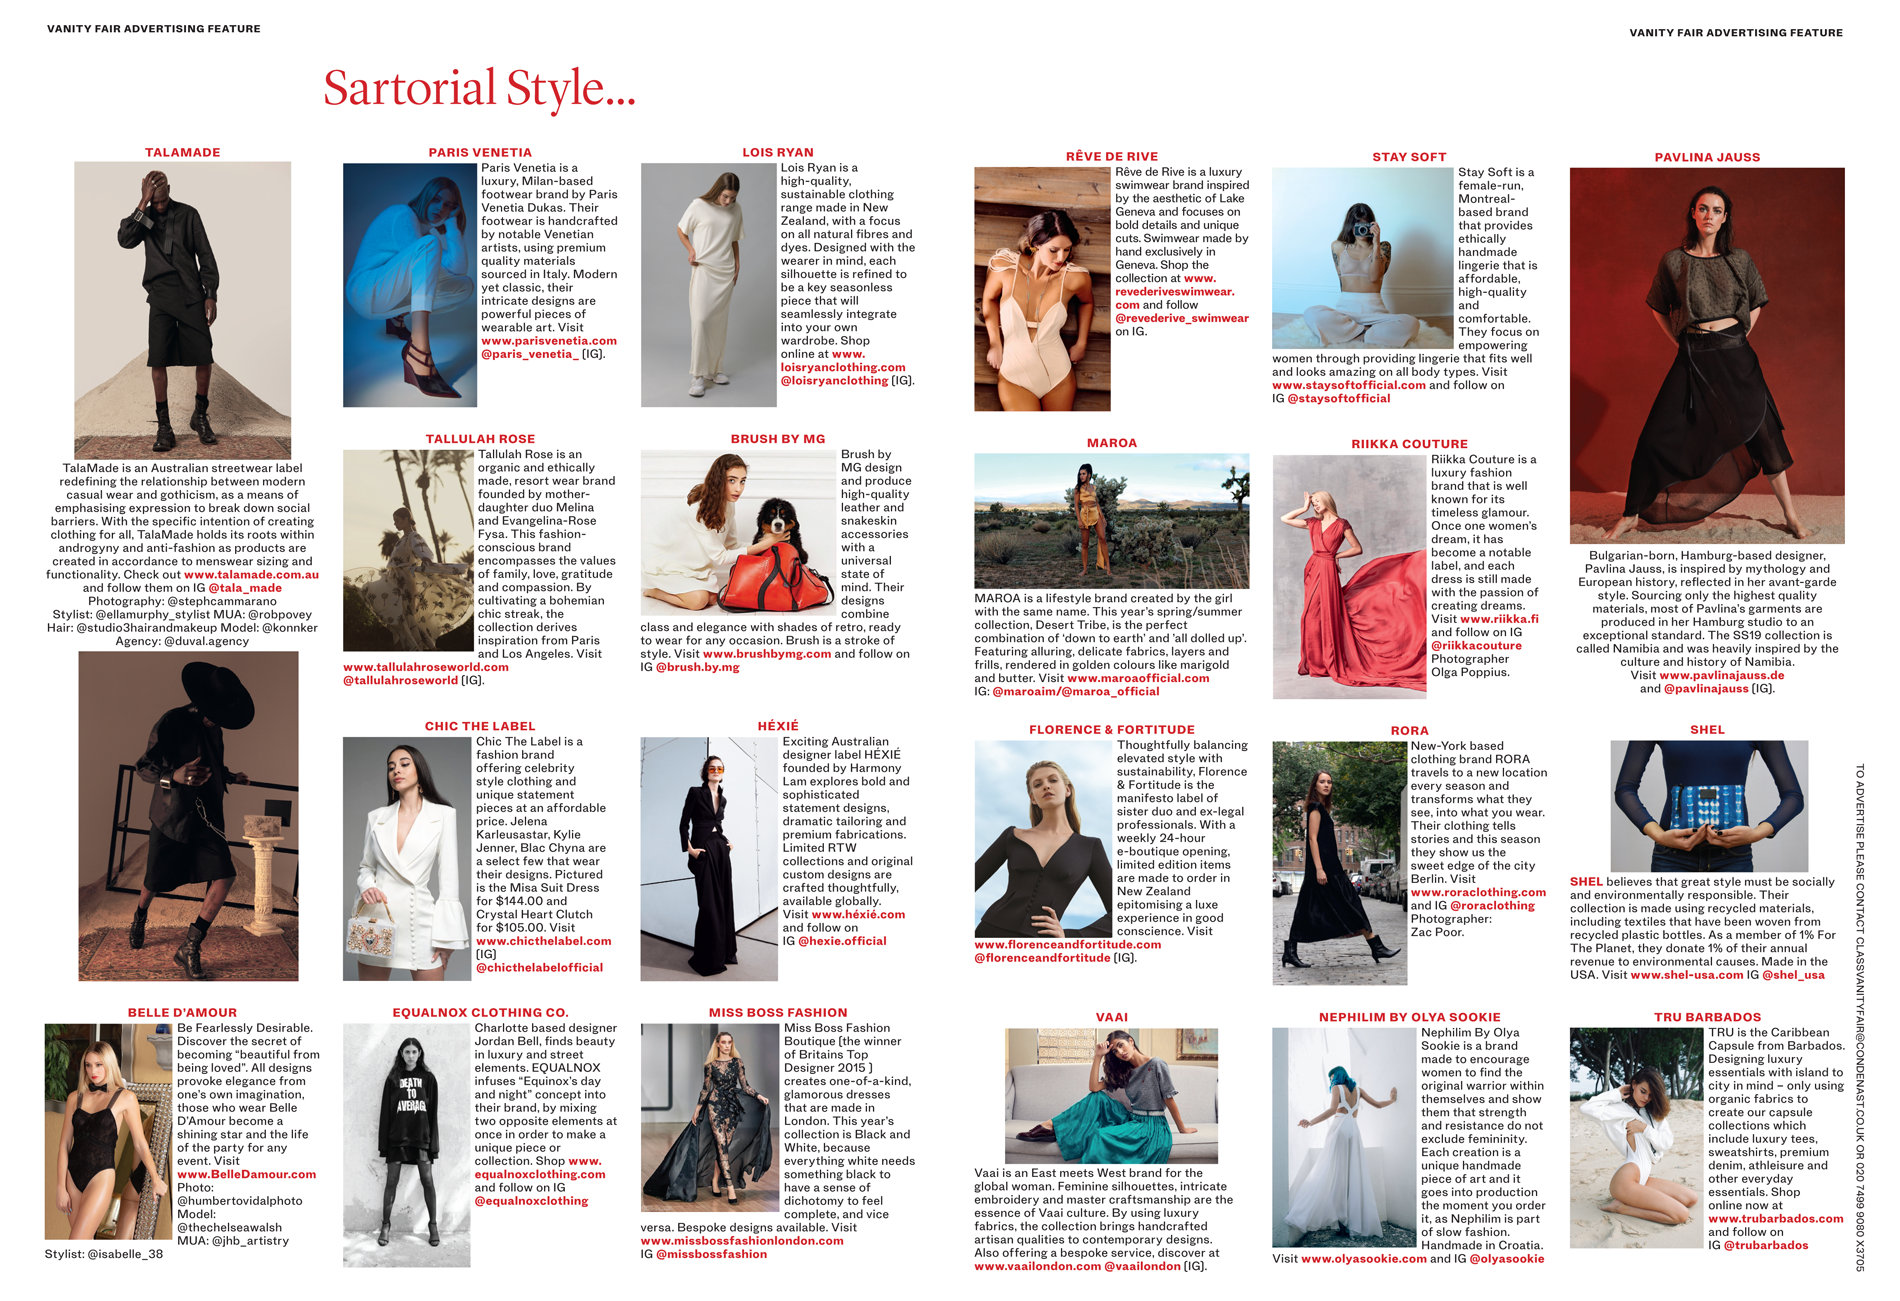 bdd55aad66 Condé Nast Publications